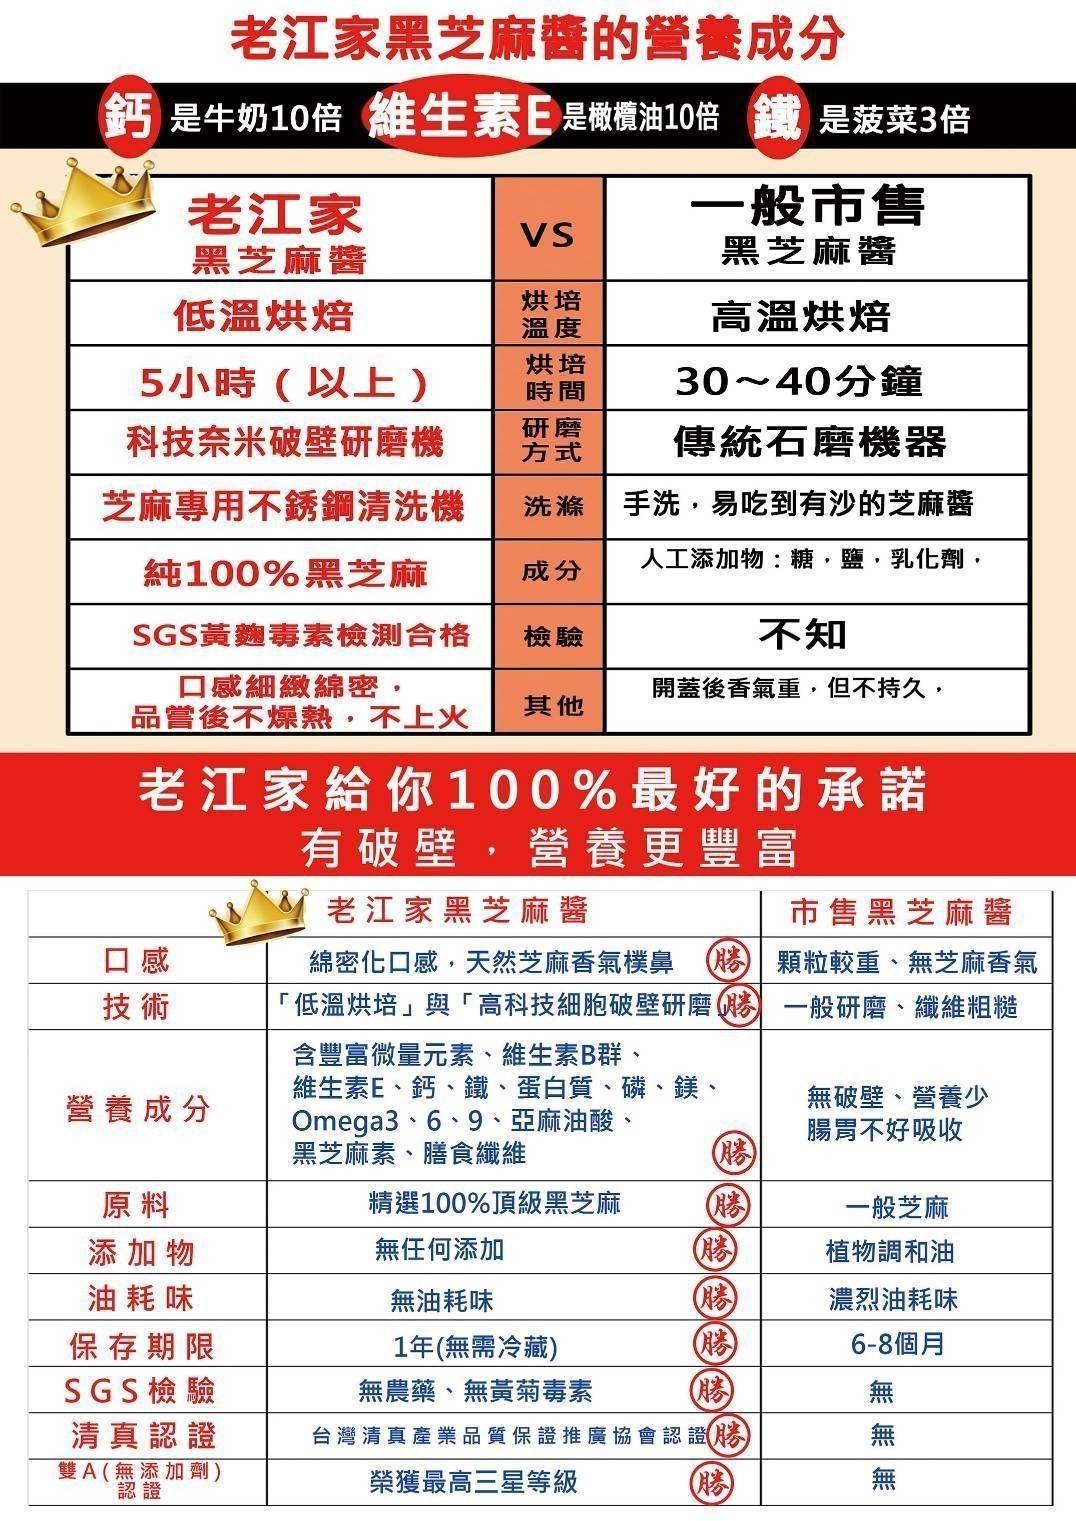 【老江家黑芝麻醬】250公克/低破壁研磨技術/低溫烘焙/純淨香濃綿密/全素/多件優惠